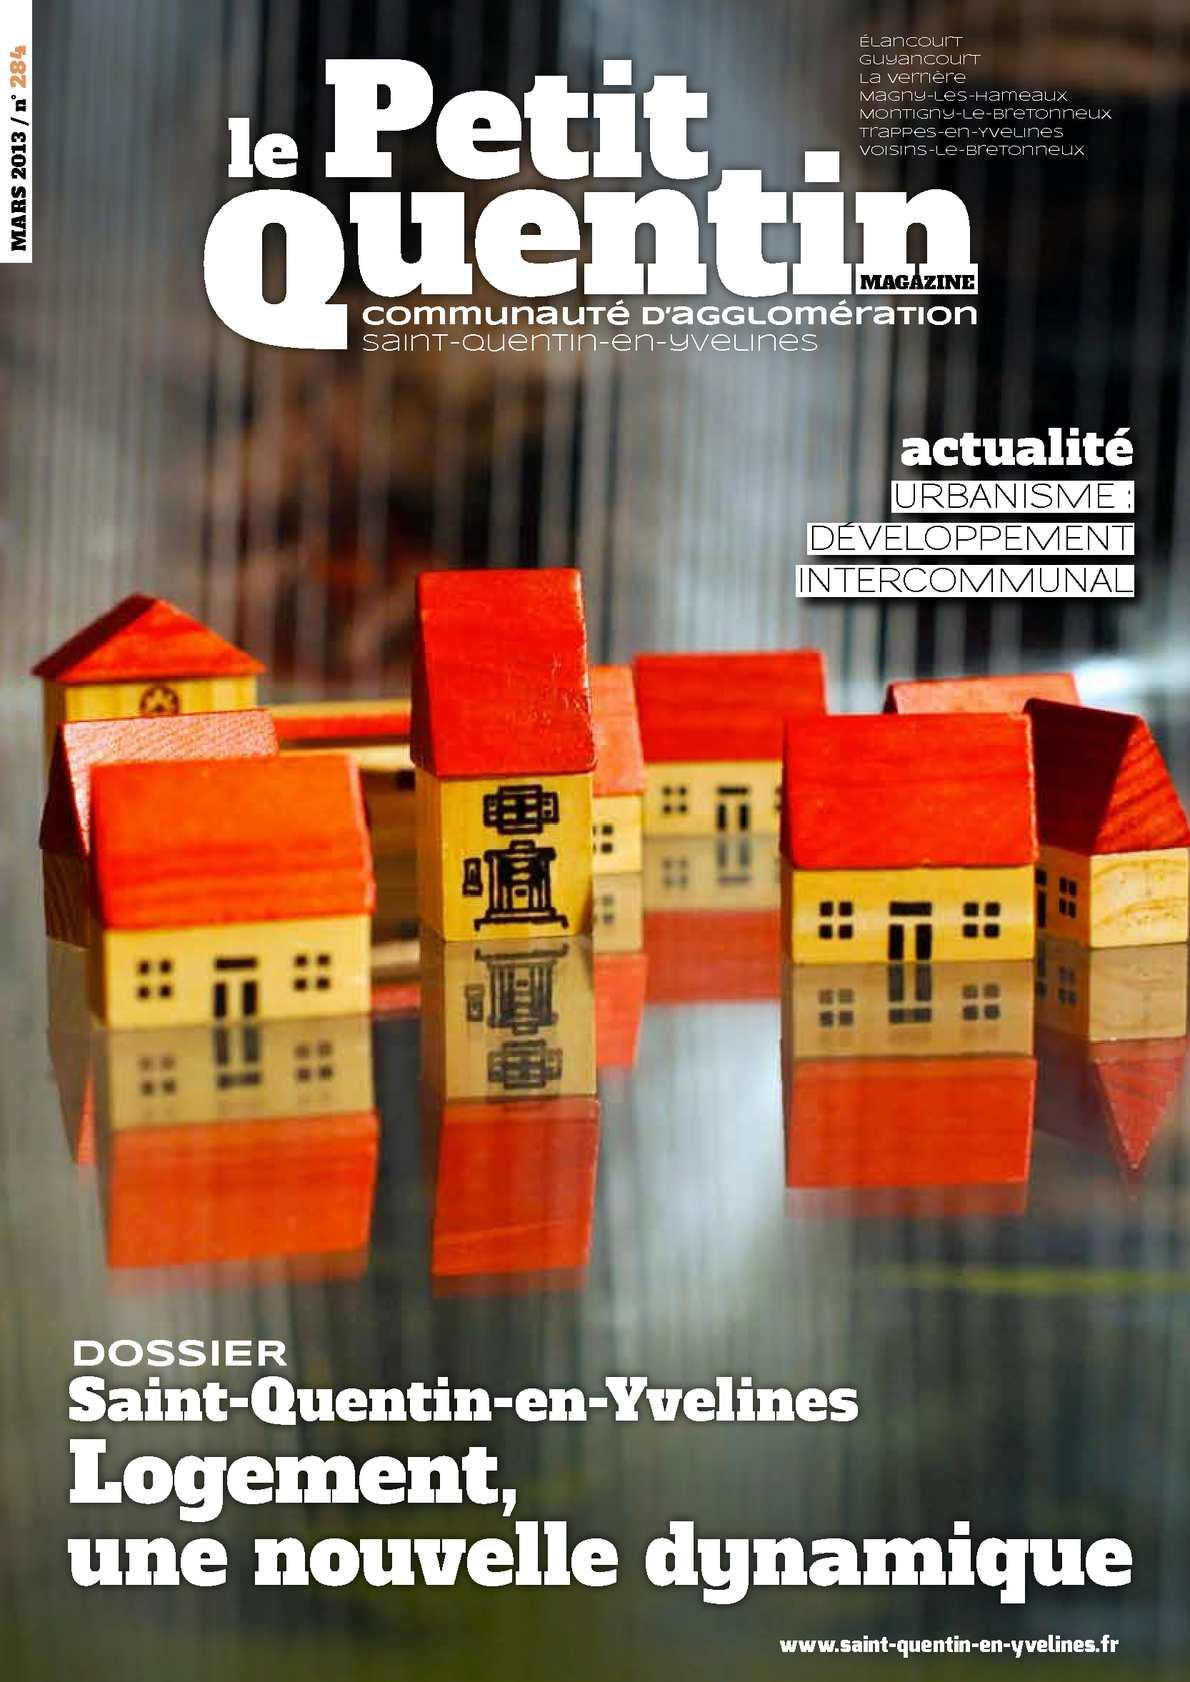 rencontre chorégraphique saint quentin 2013